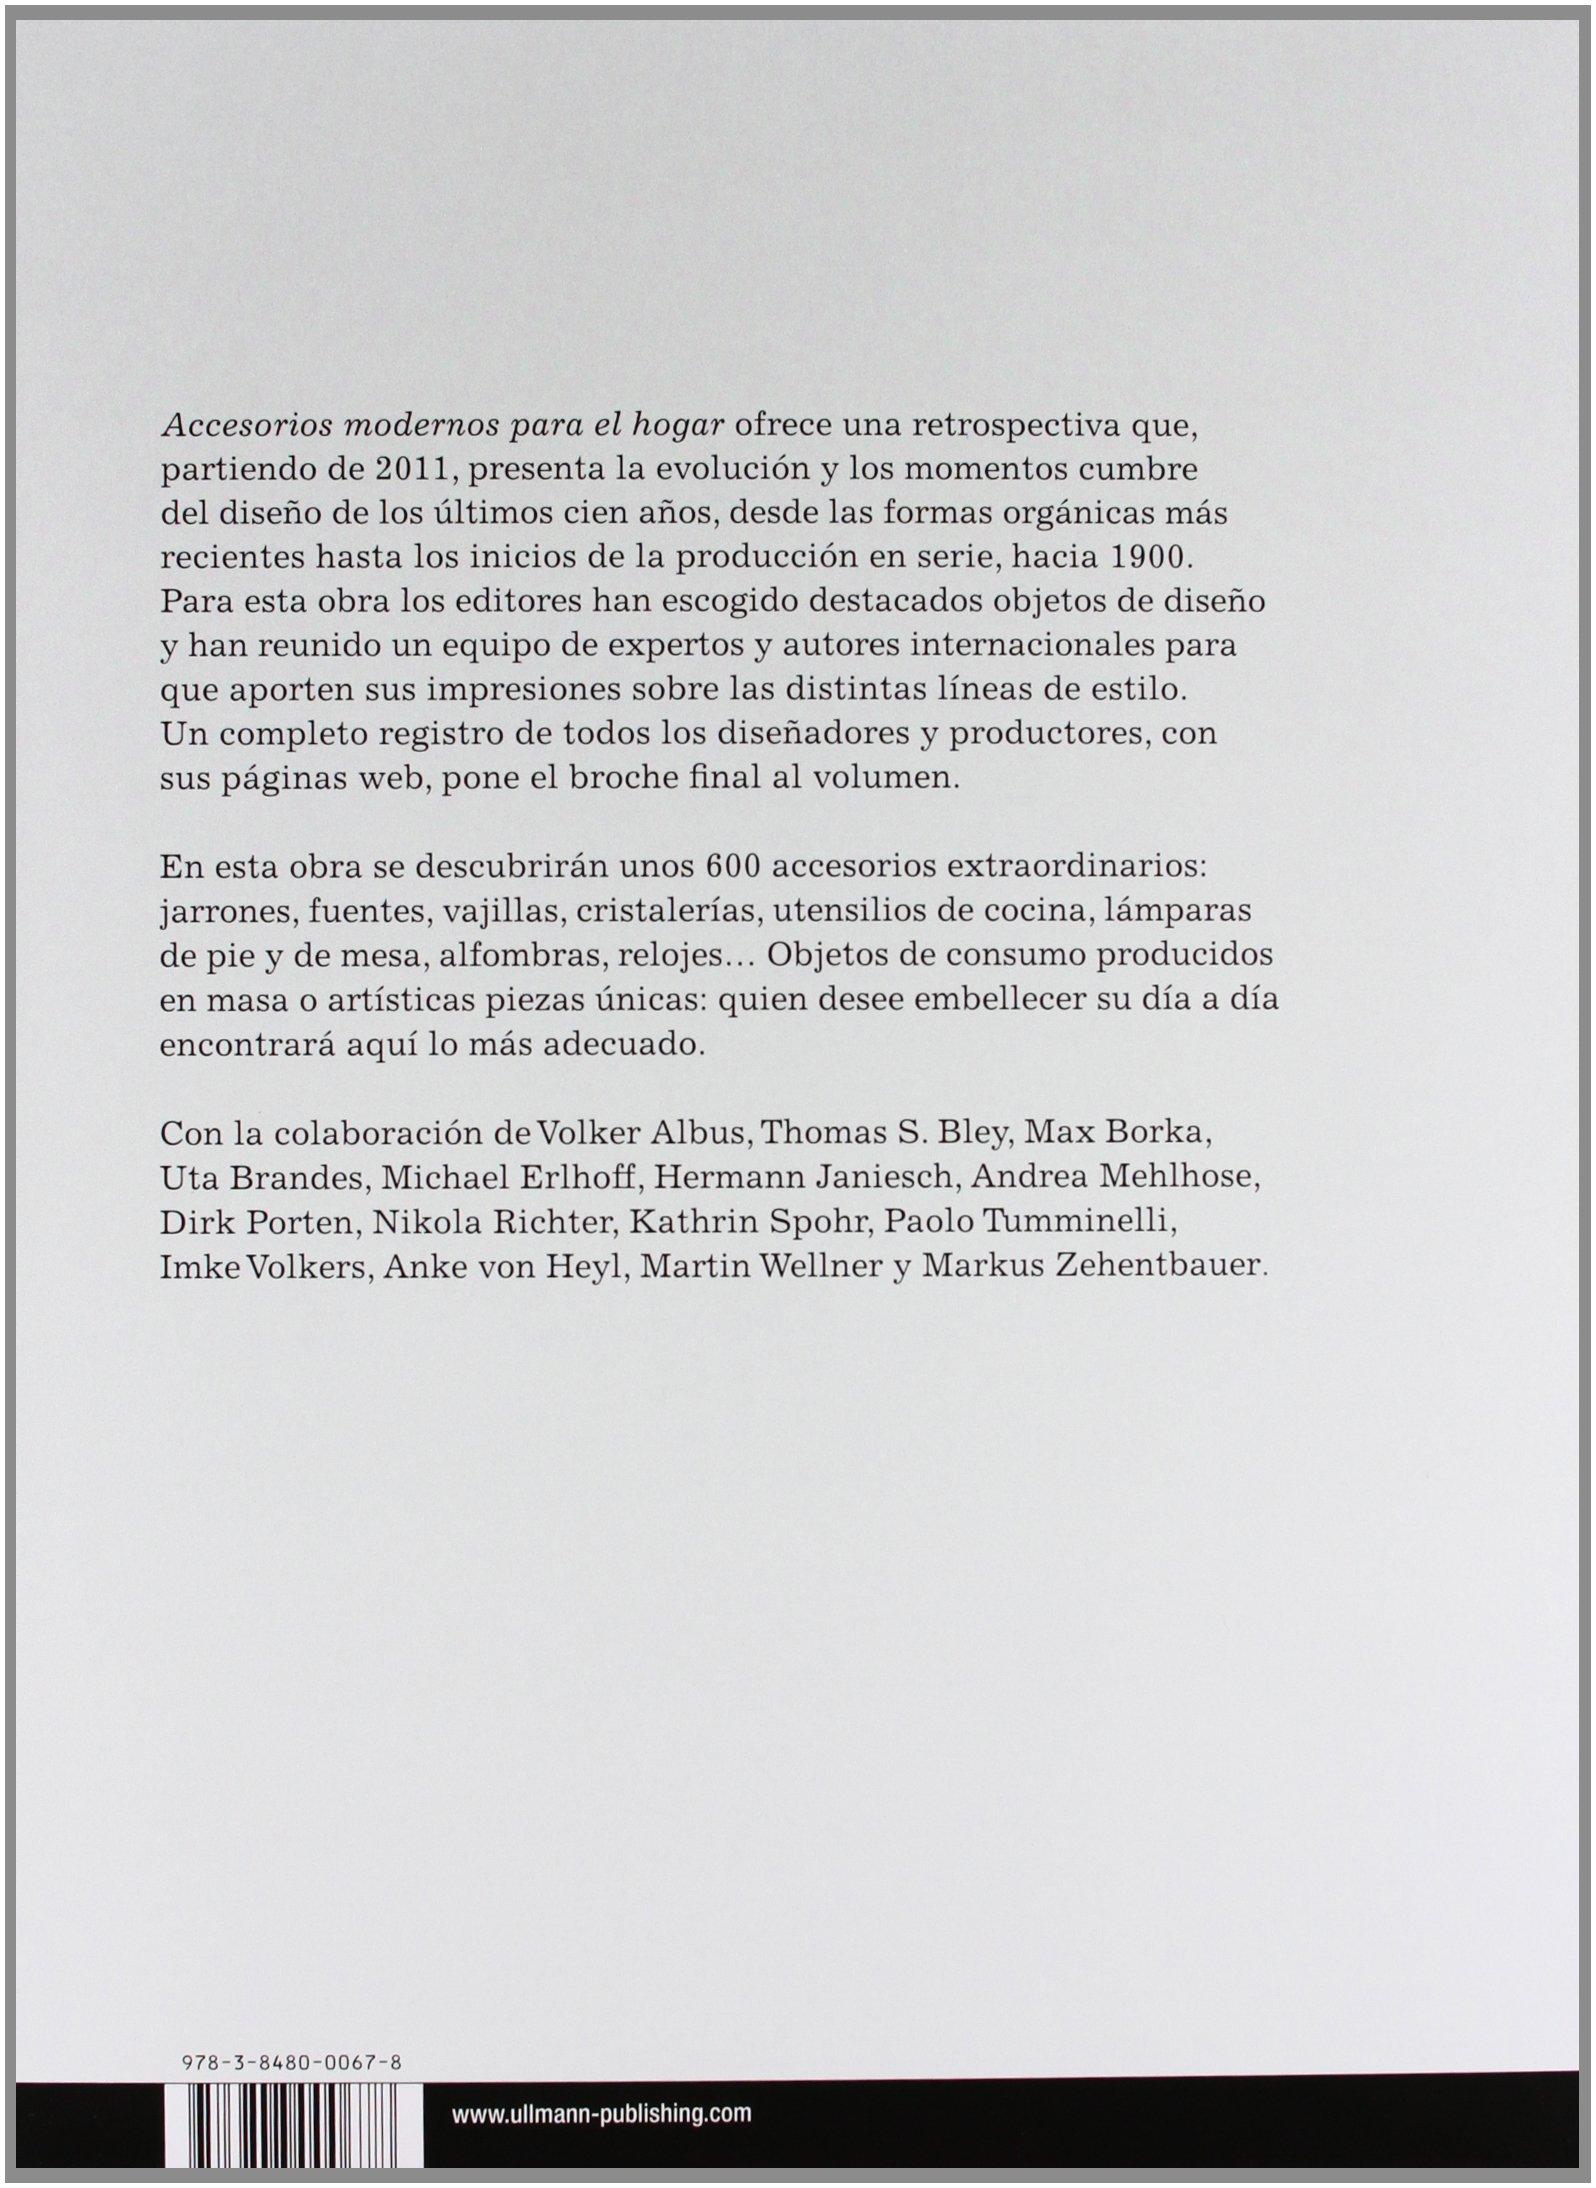 Accesorios modernos para el hogar: 100 años de diseño: FREMDKORPER (000678): 9783848000678: Amazon.com: Books